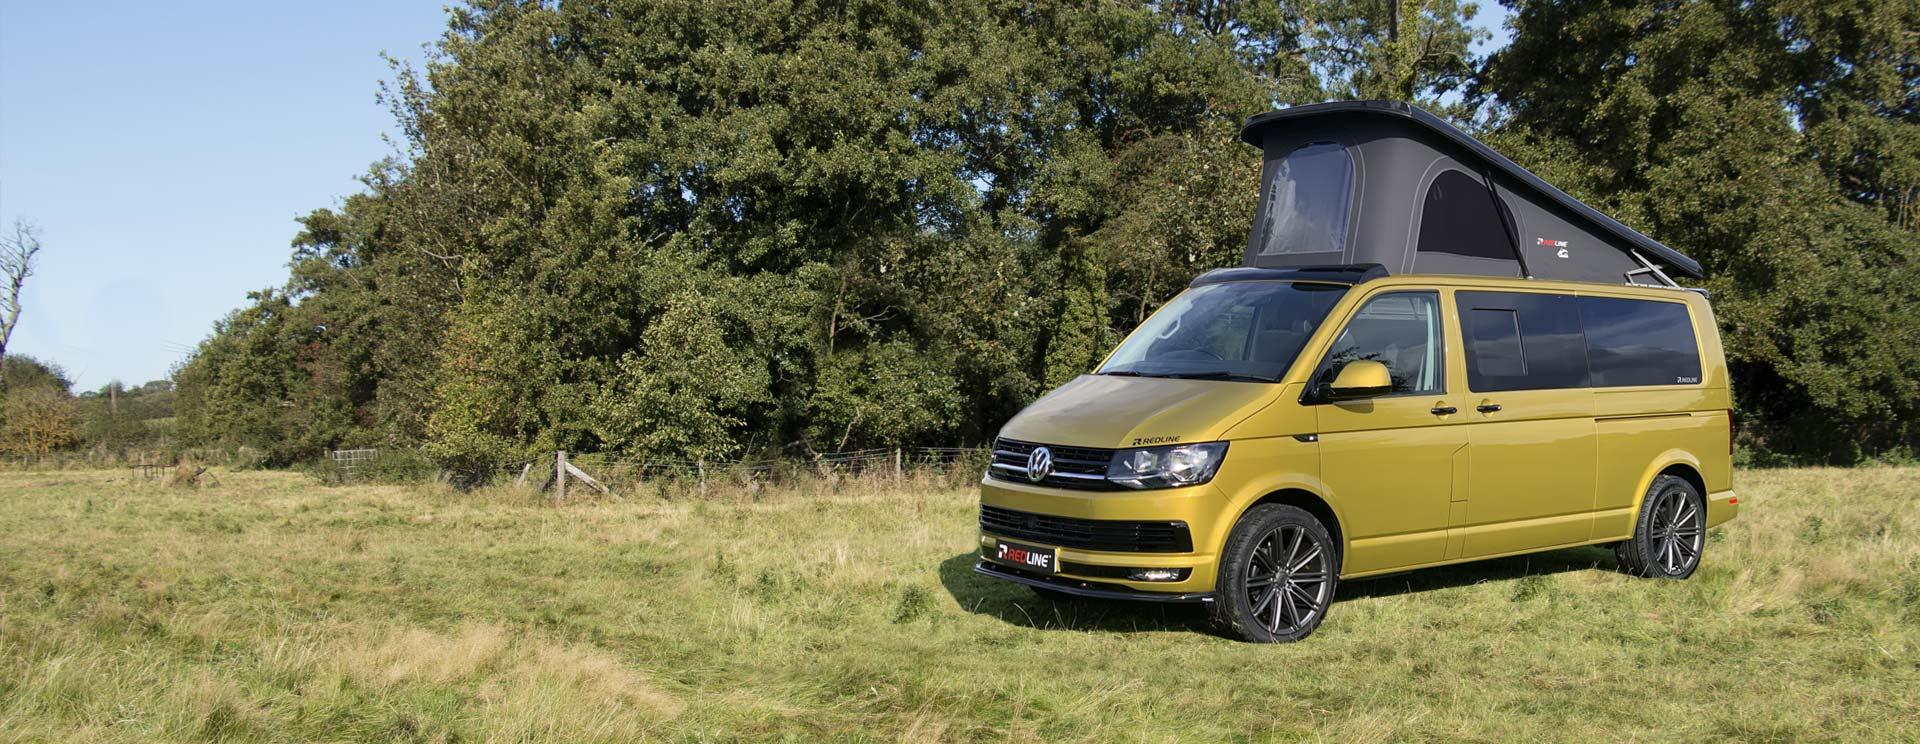 Gold Volkswagen Campervan